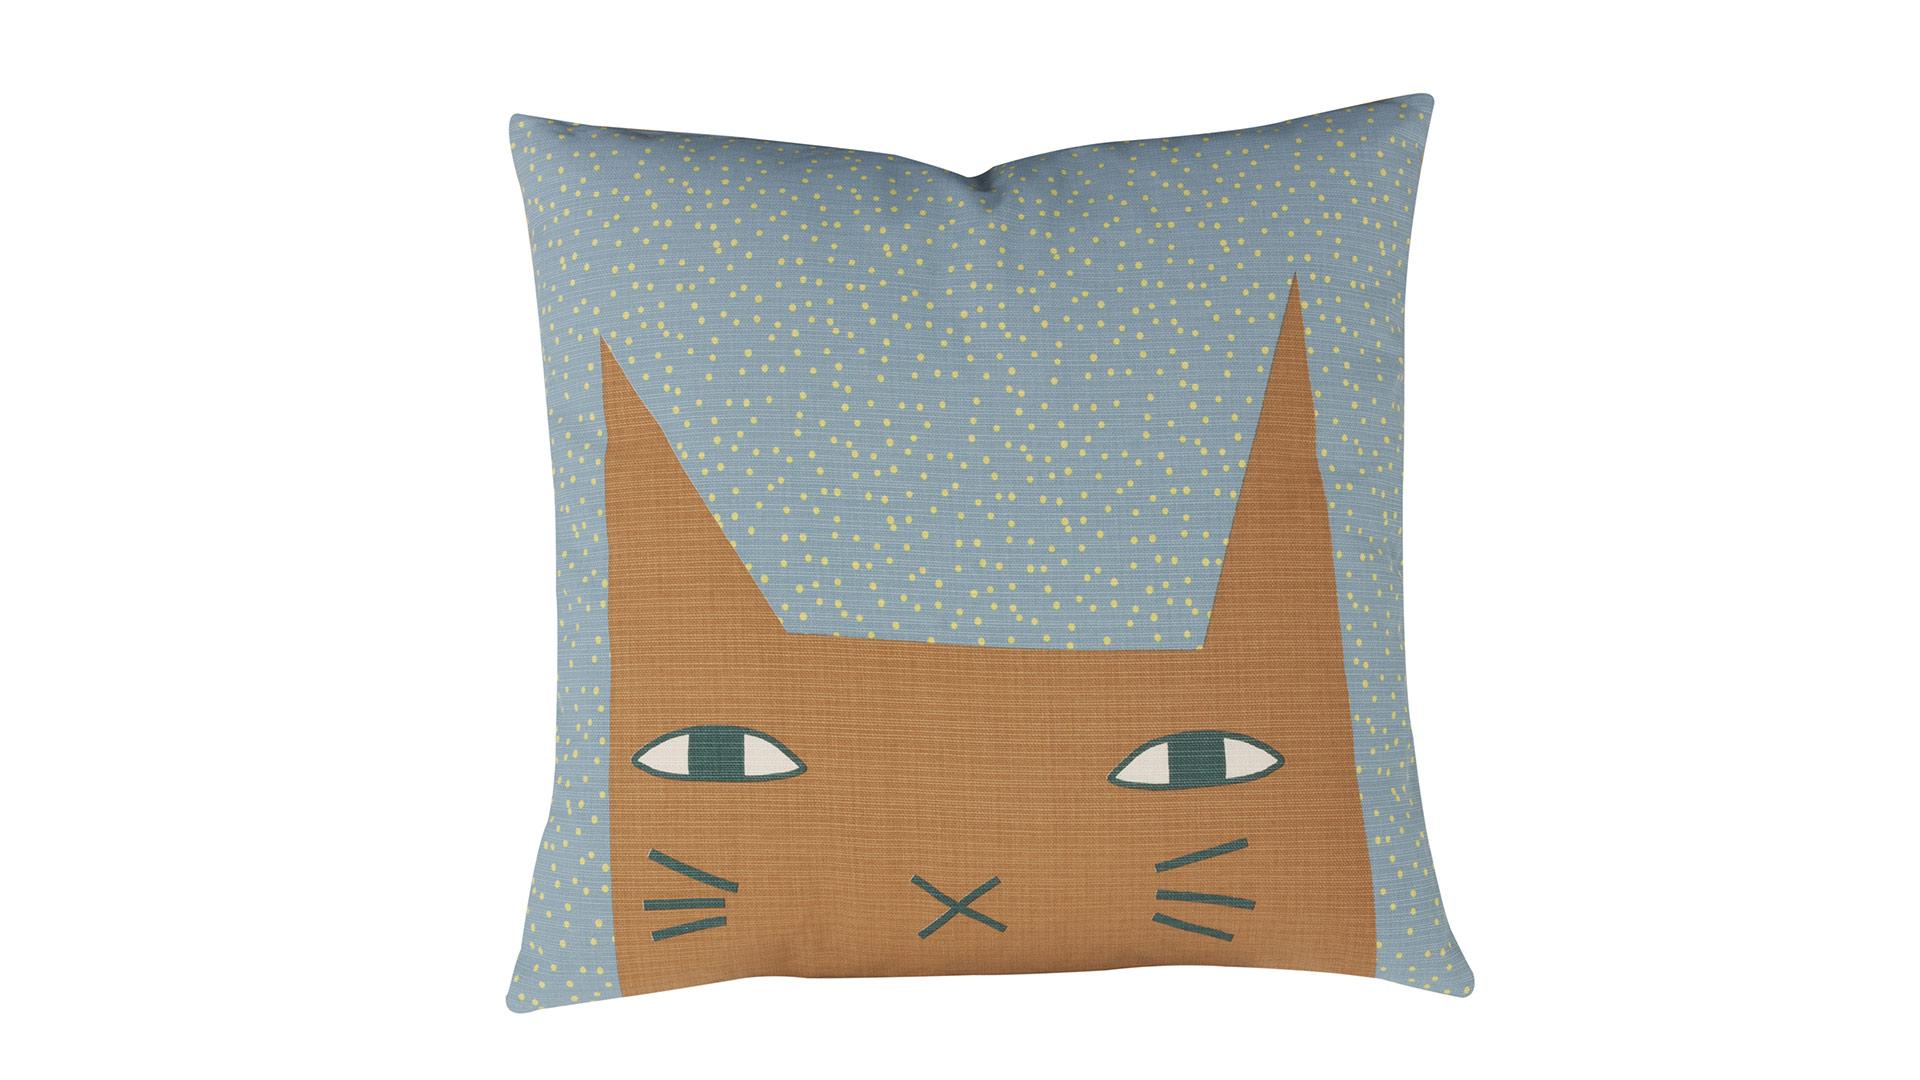 Donna-Wilson-cushion-CAT-EARS-DUCK-EGG